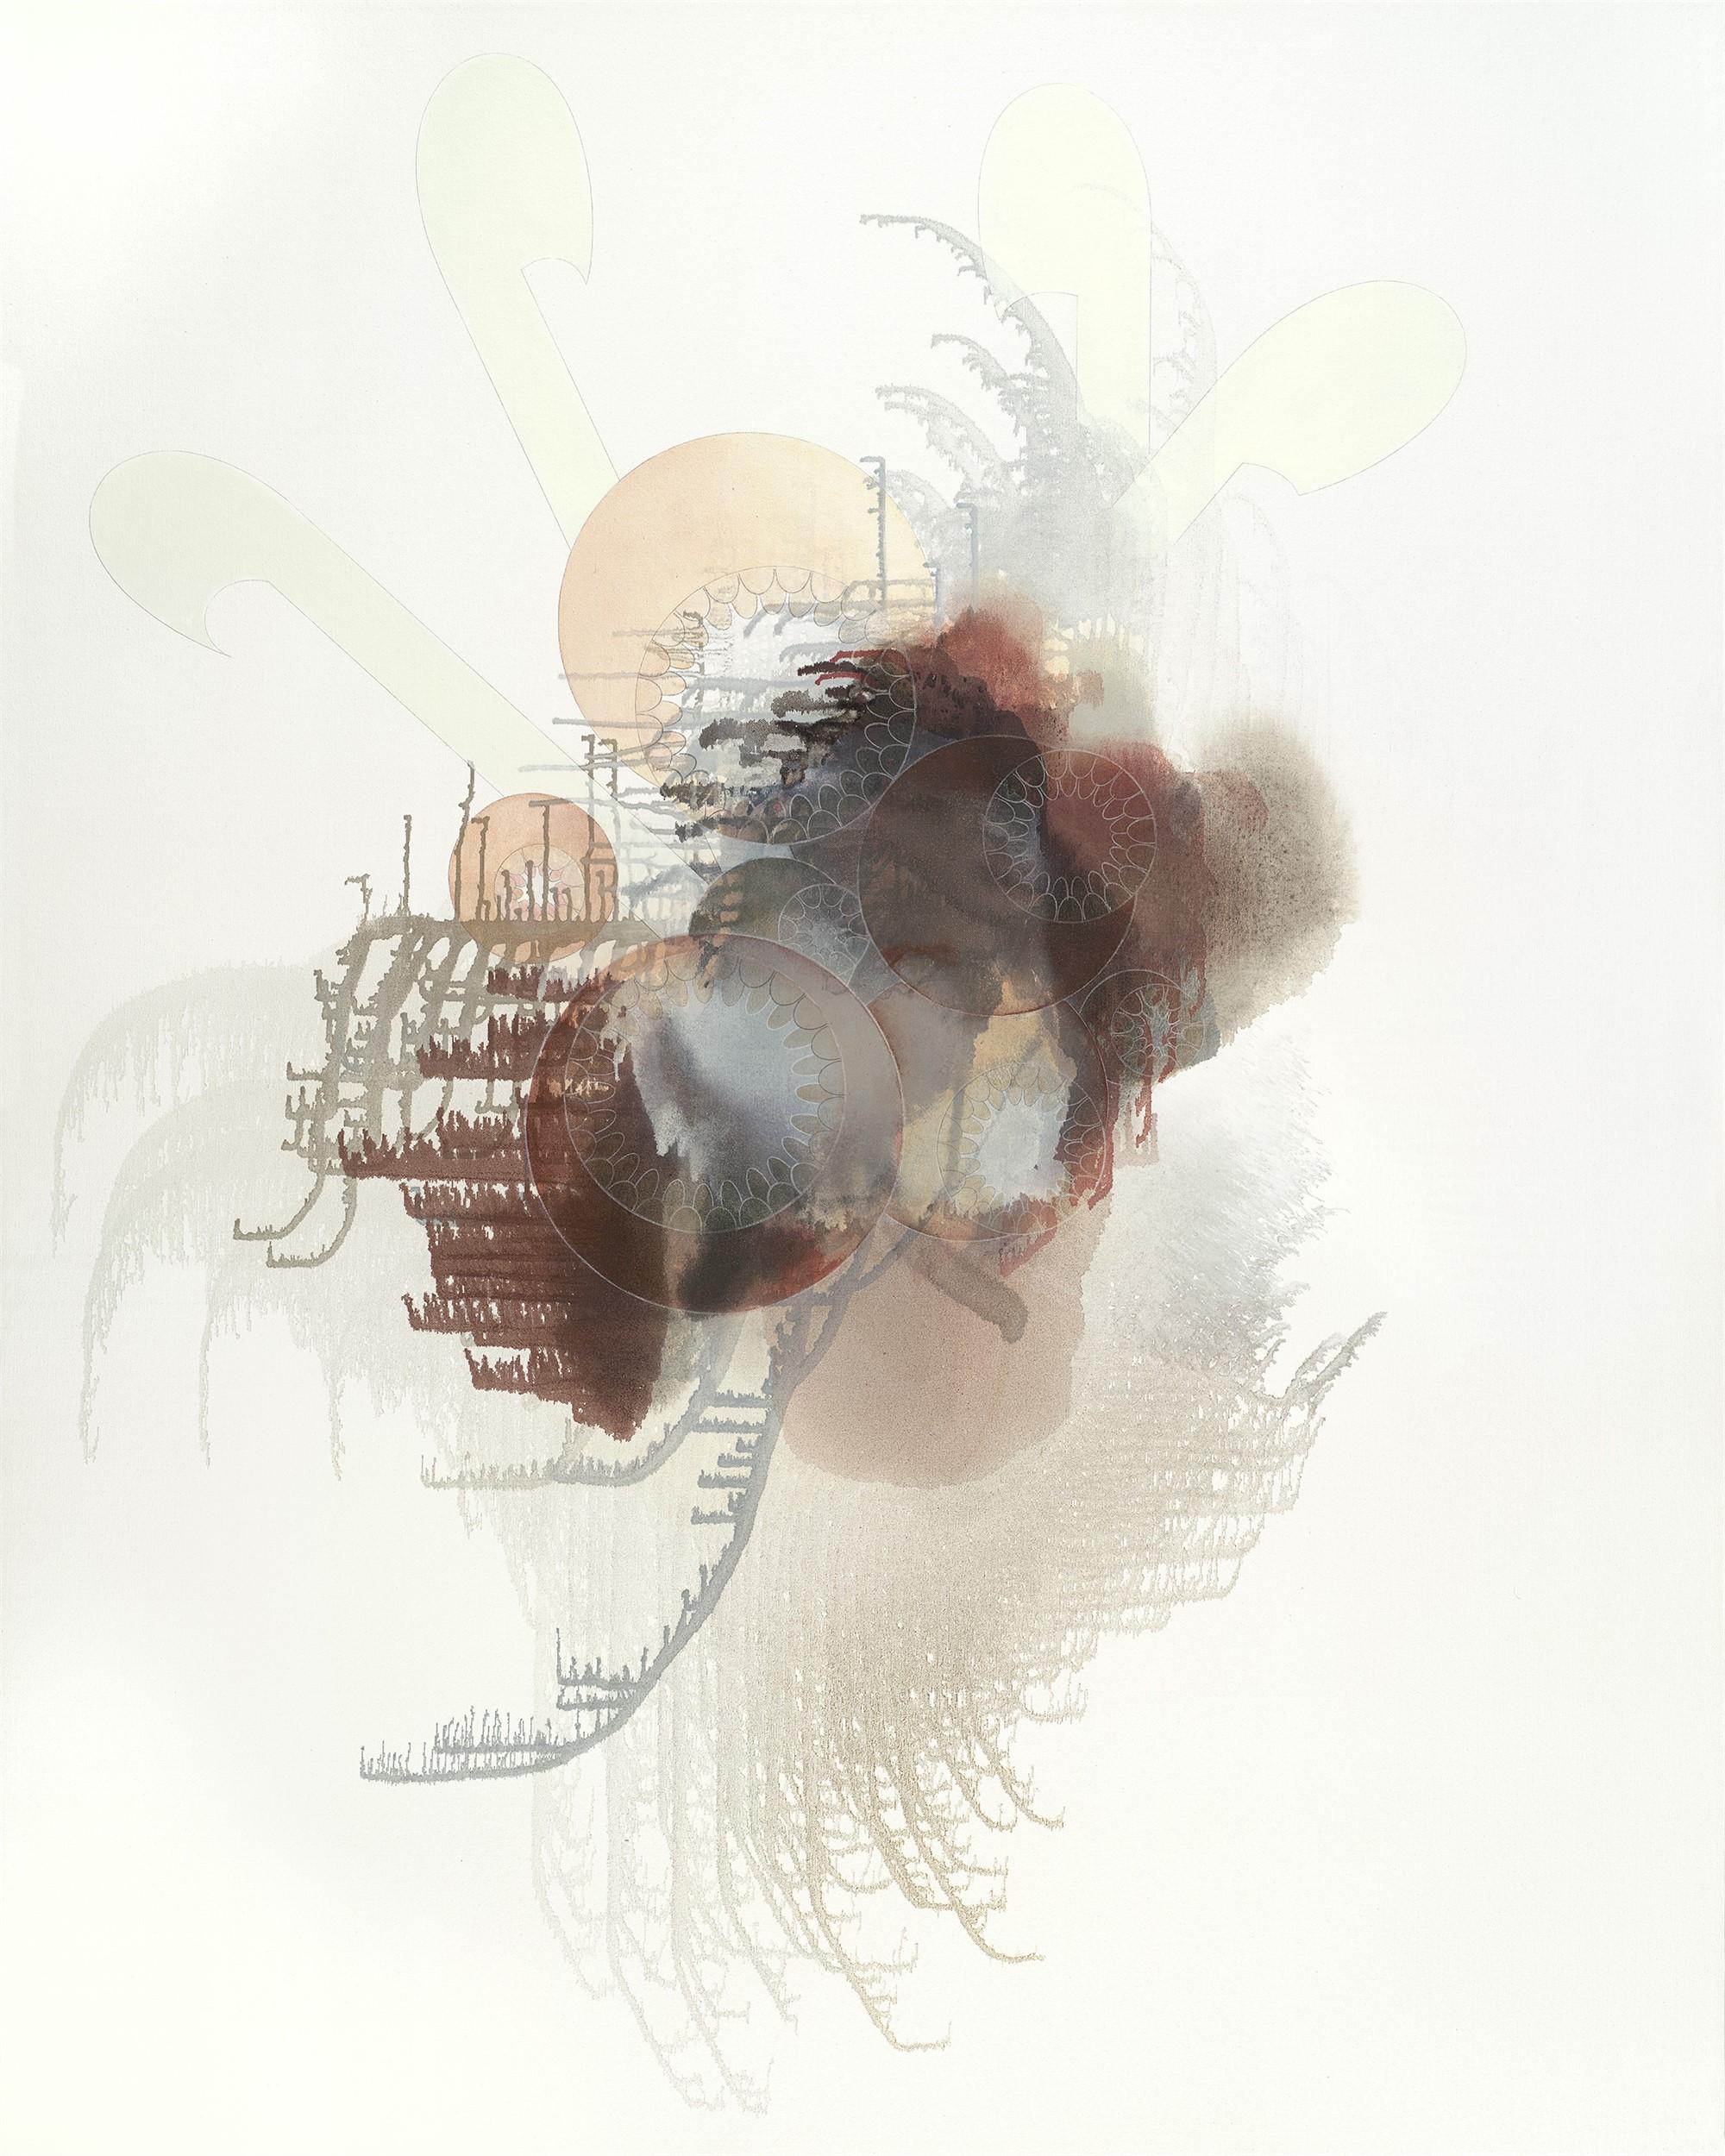 Manganese by Kuzana Ogg